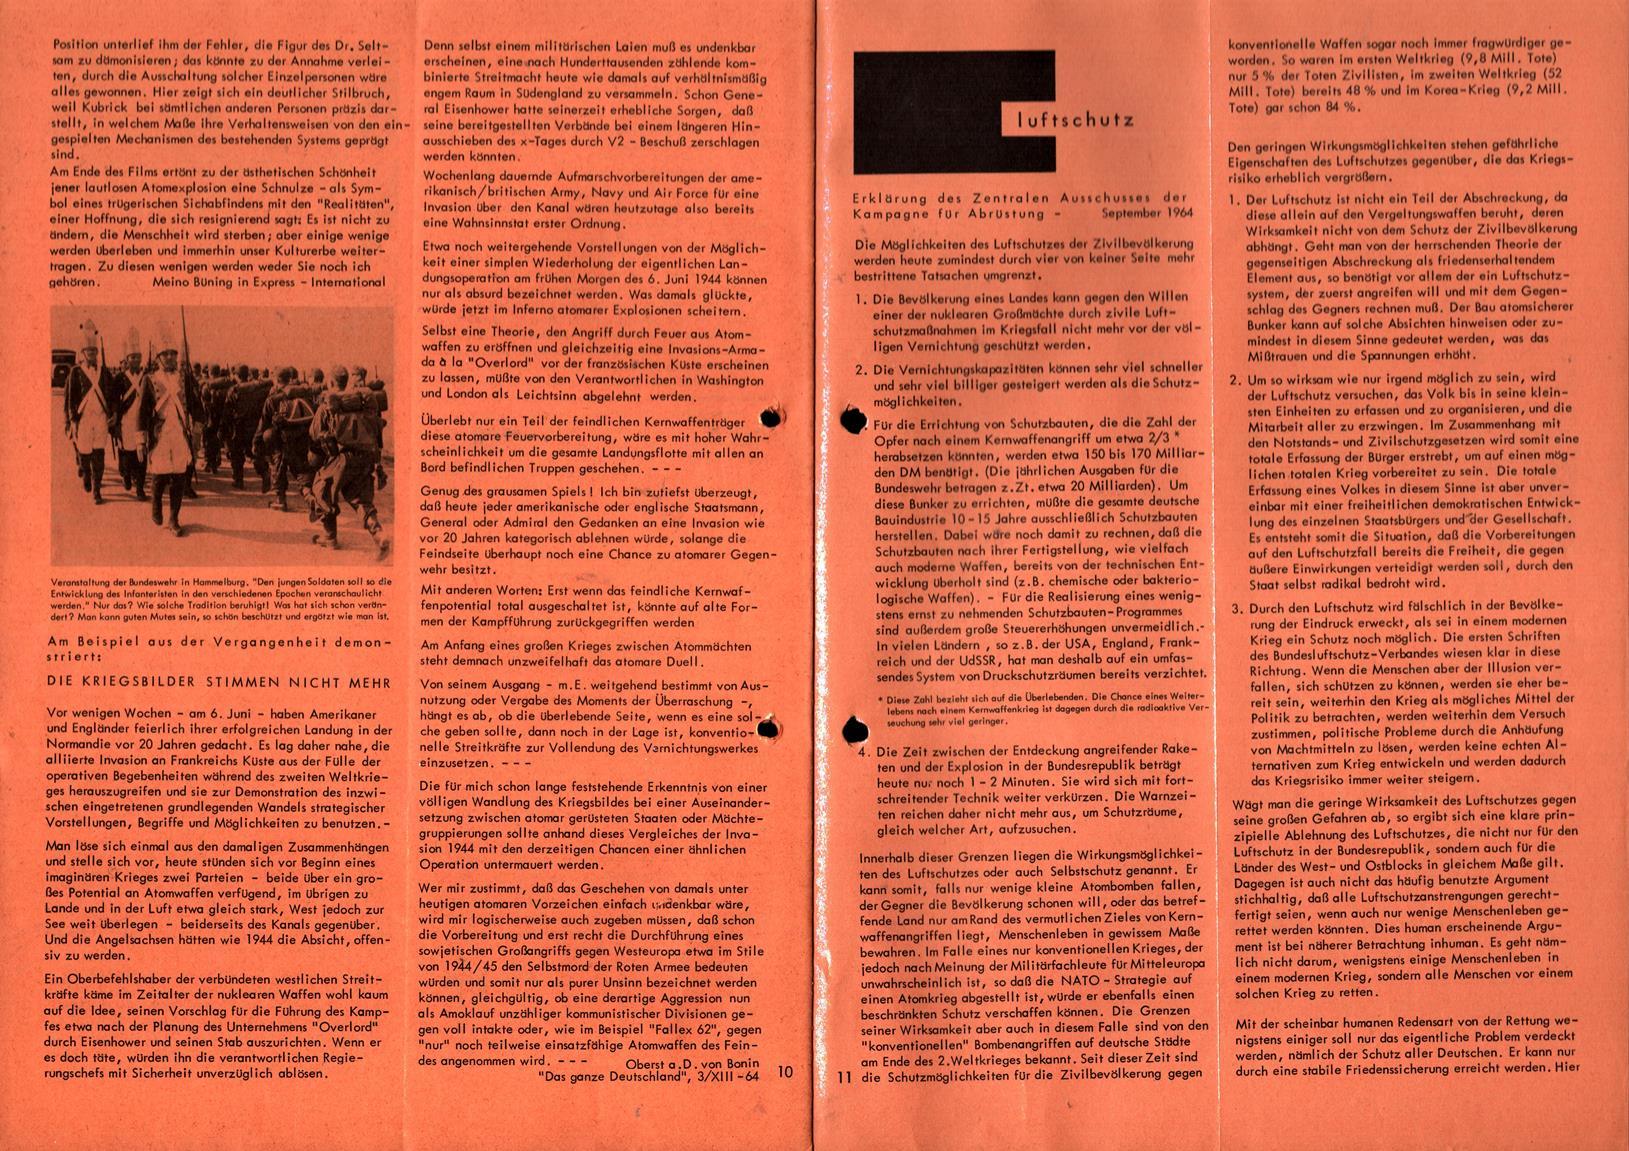 Infos_zur_Abruestung_1964_015_006